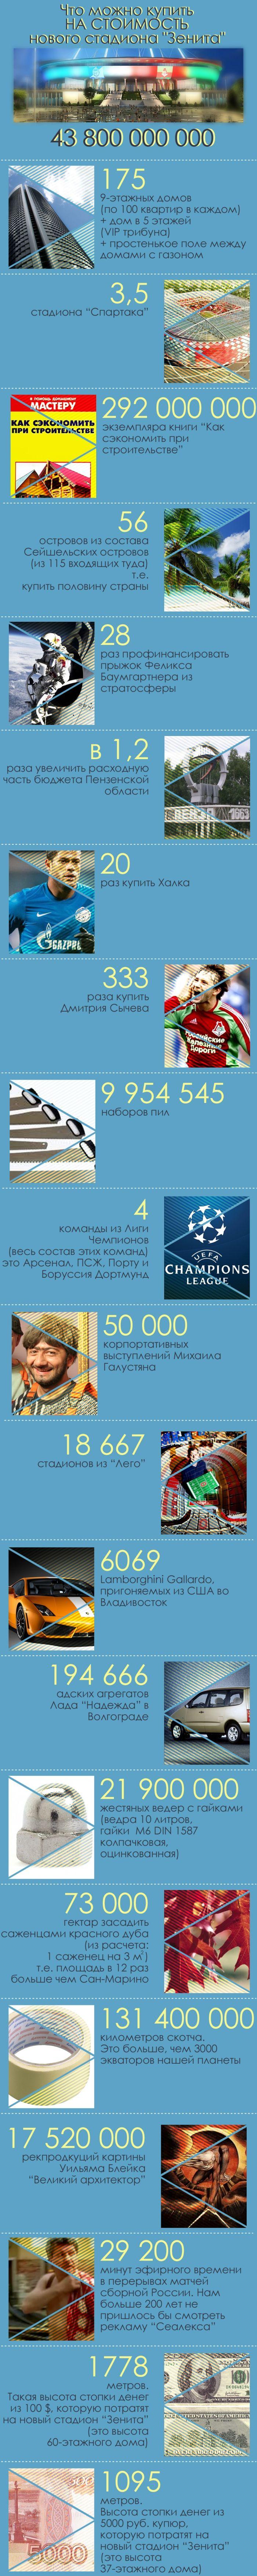 """На что можно было потратить деньги, вложенные в строительство стадиона """"Зенита"""" (1 картинка)"""